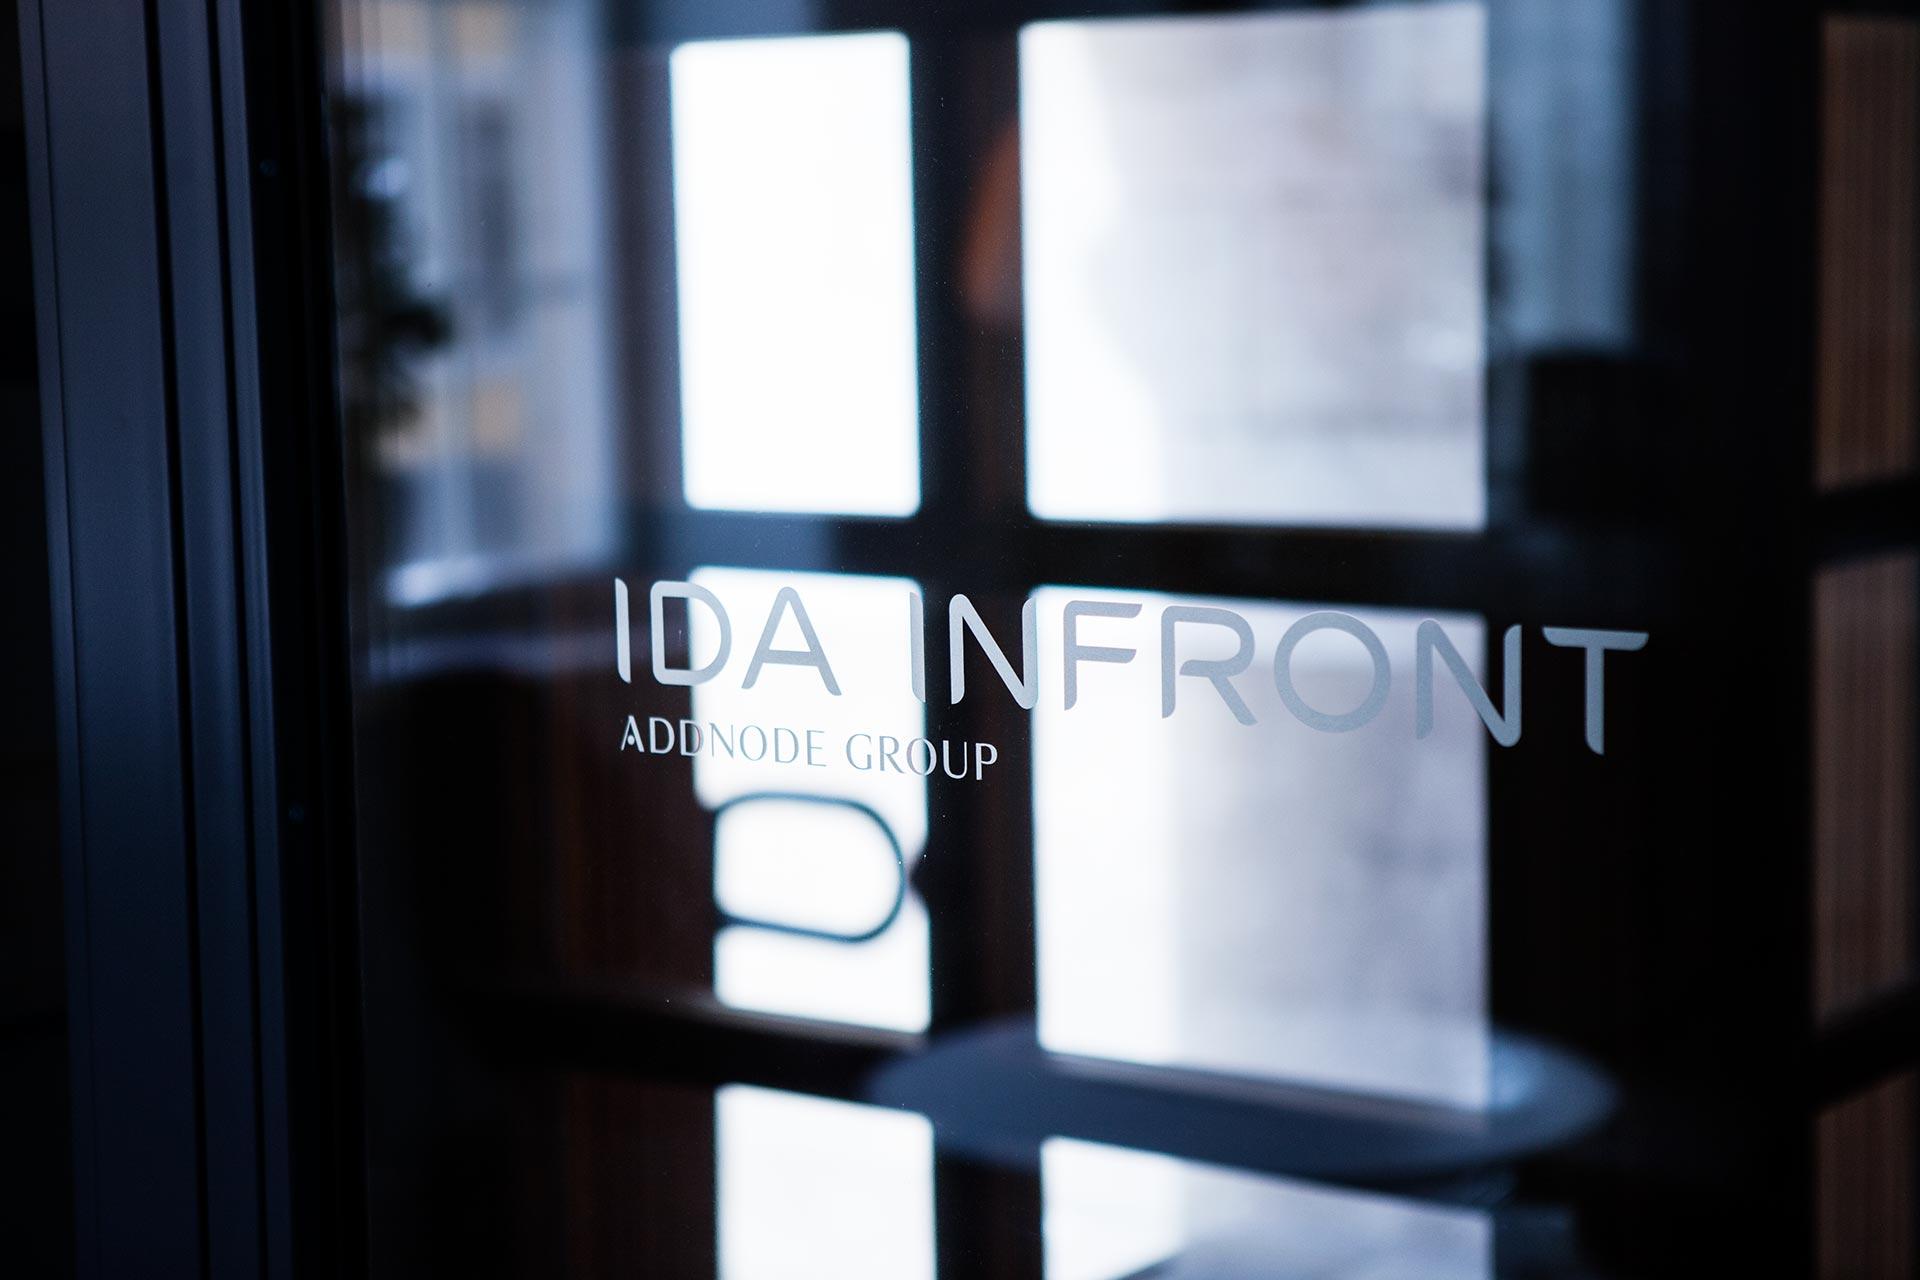 Rekrytering Ida Infront